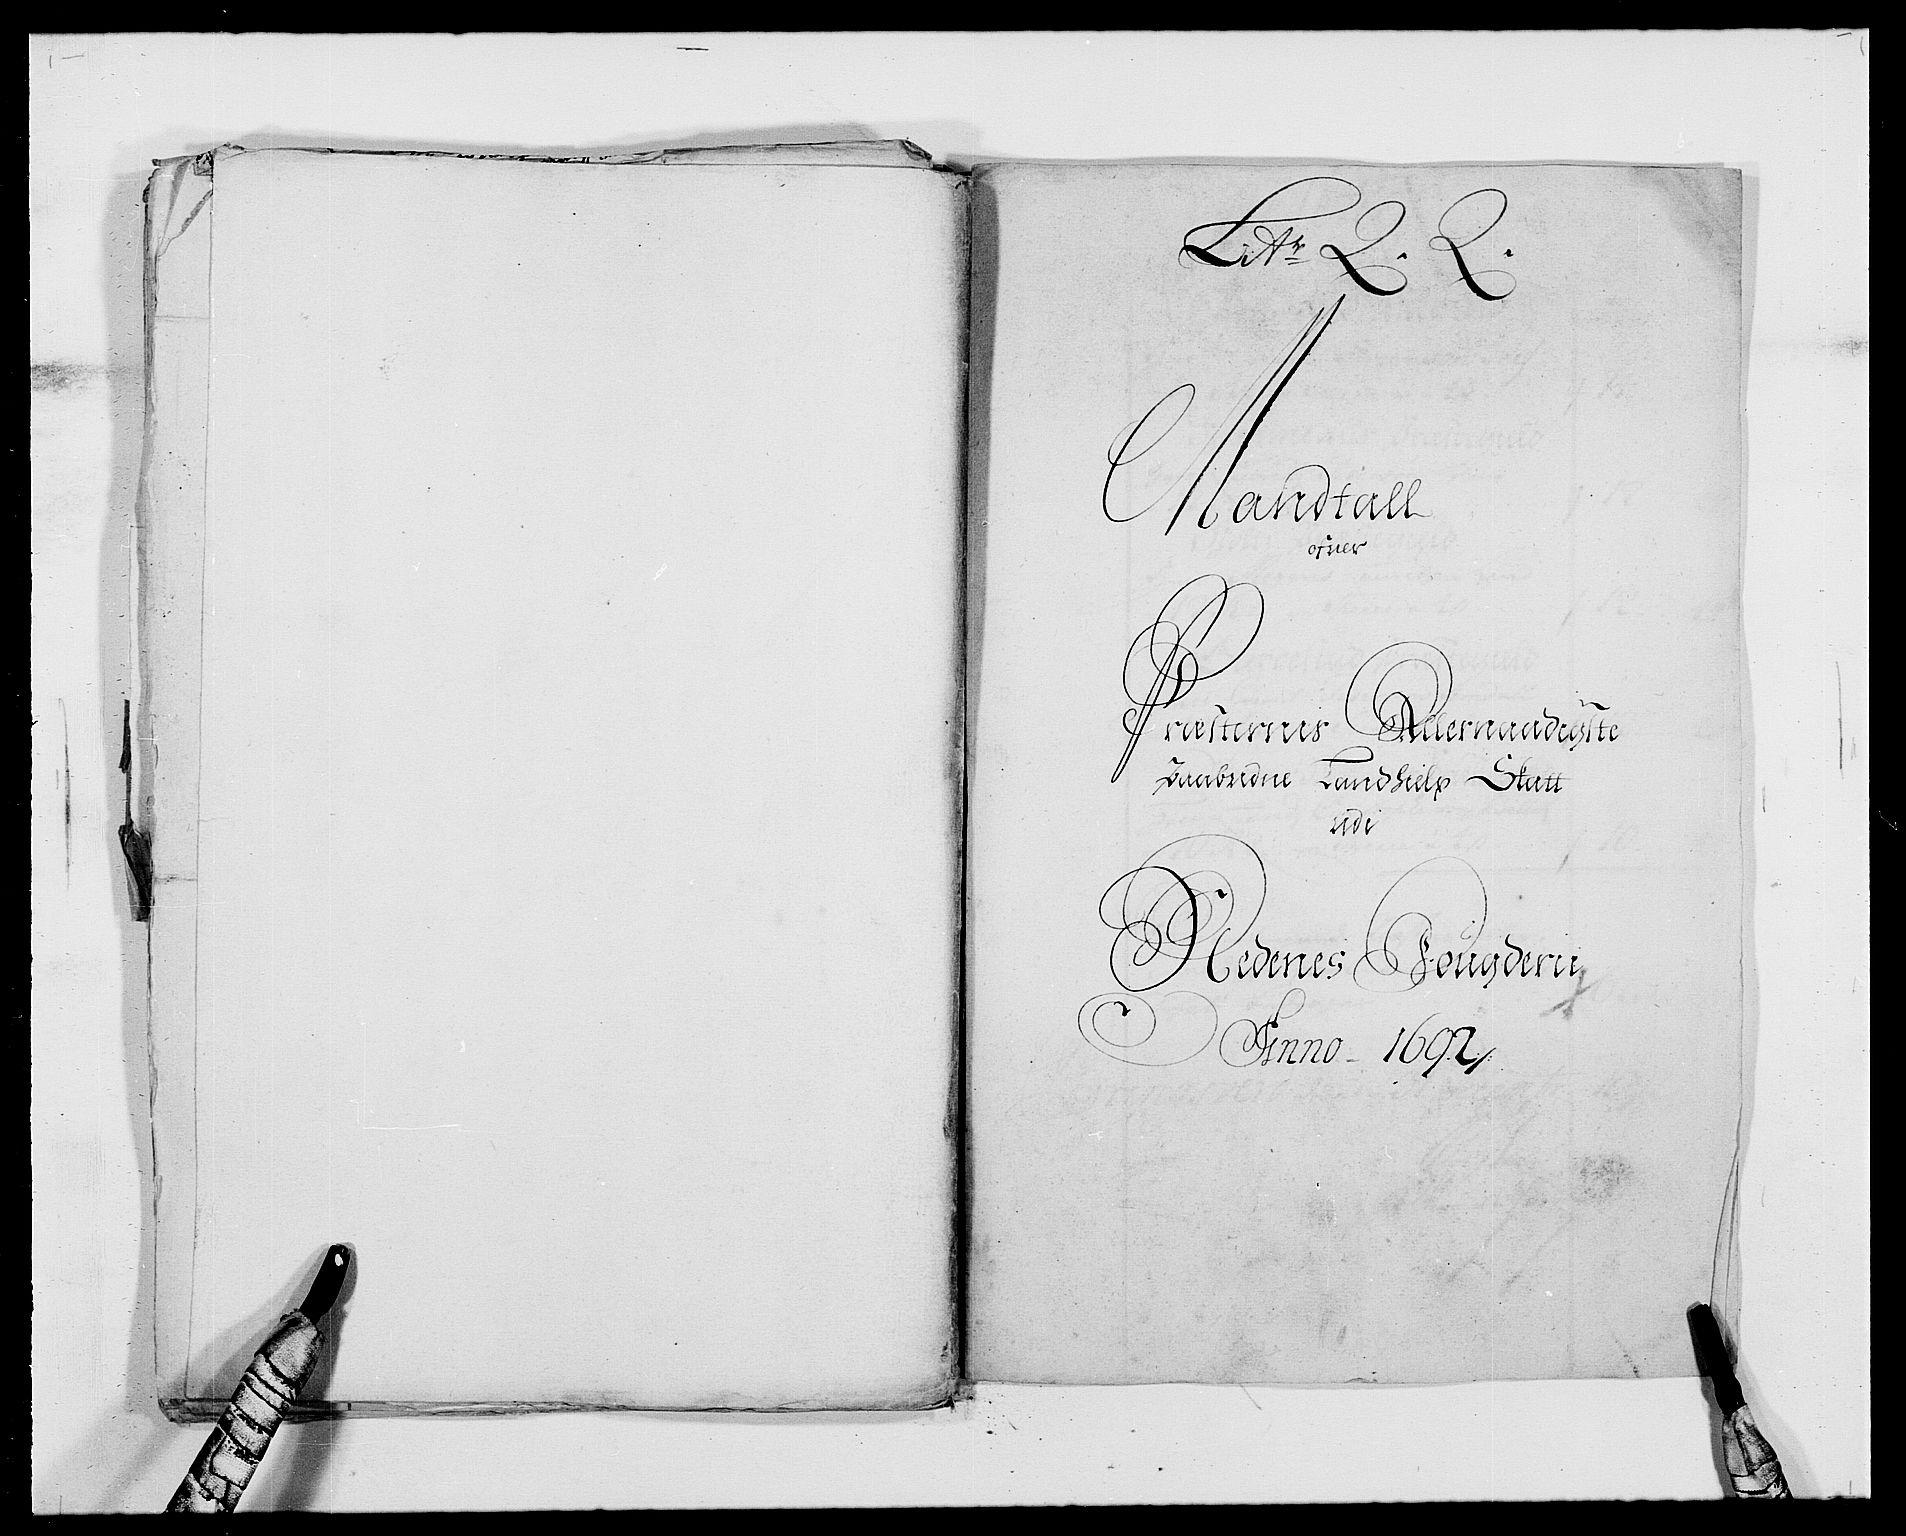 RA, Rentekammeret inntil 1814, Reviderte regnskaper, Fogderegnskap, R39/L2311: Fogderegnskap Nedenes, 1690-1692, s. 272